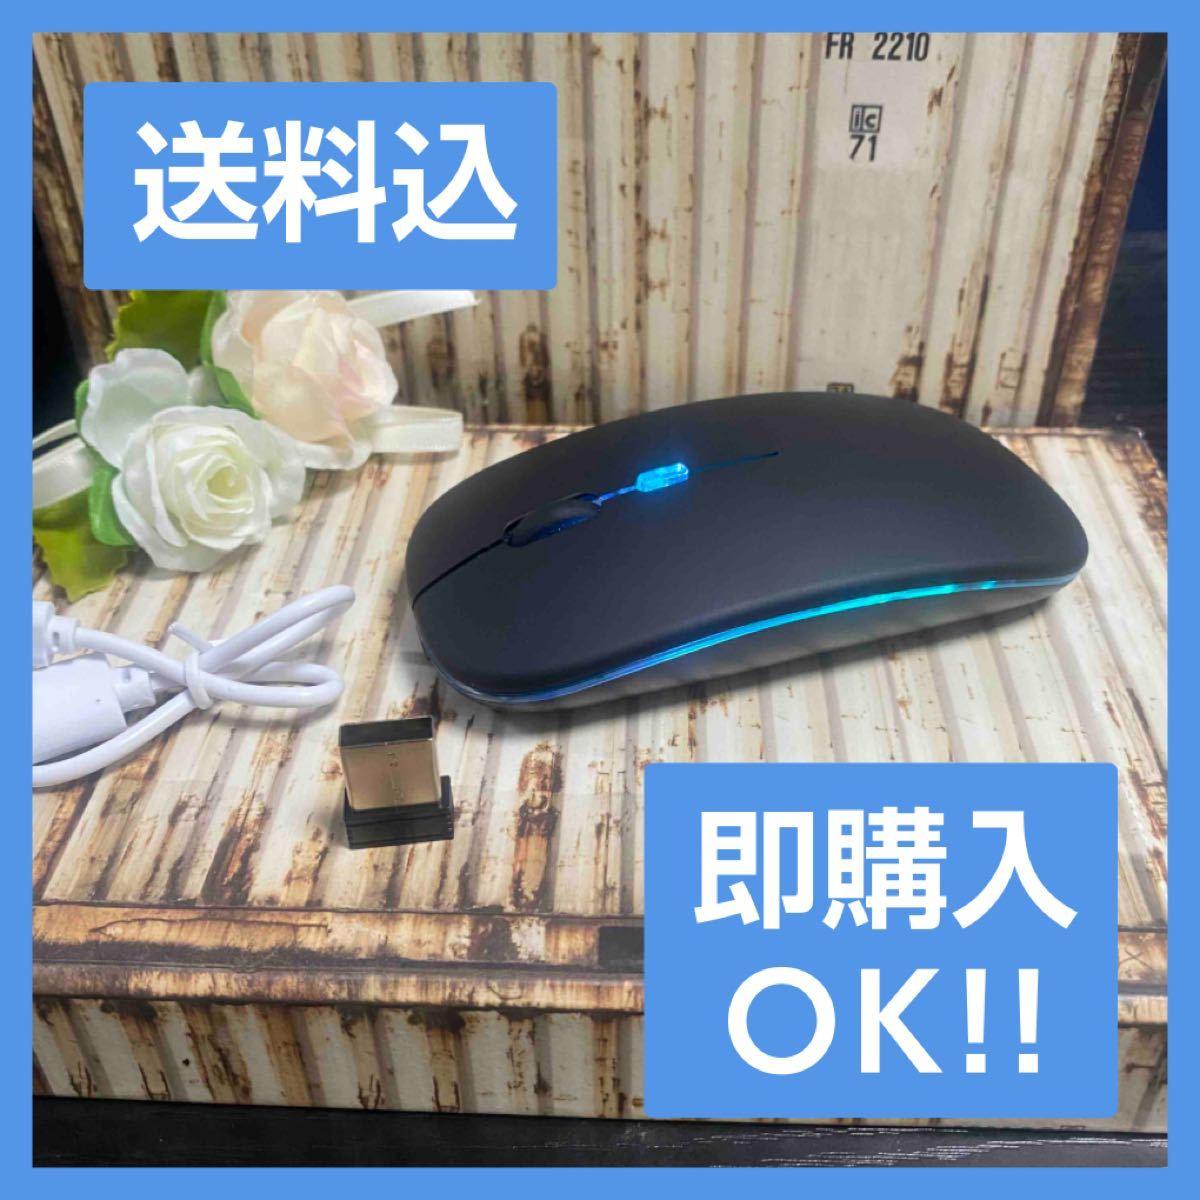 艶消しブラック【7色LEDランプ】ワイヤレスマウス 充電式 静音無線マウス